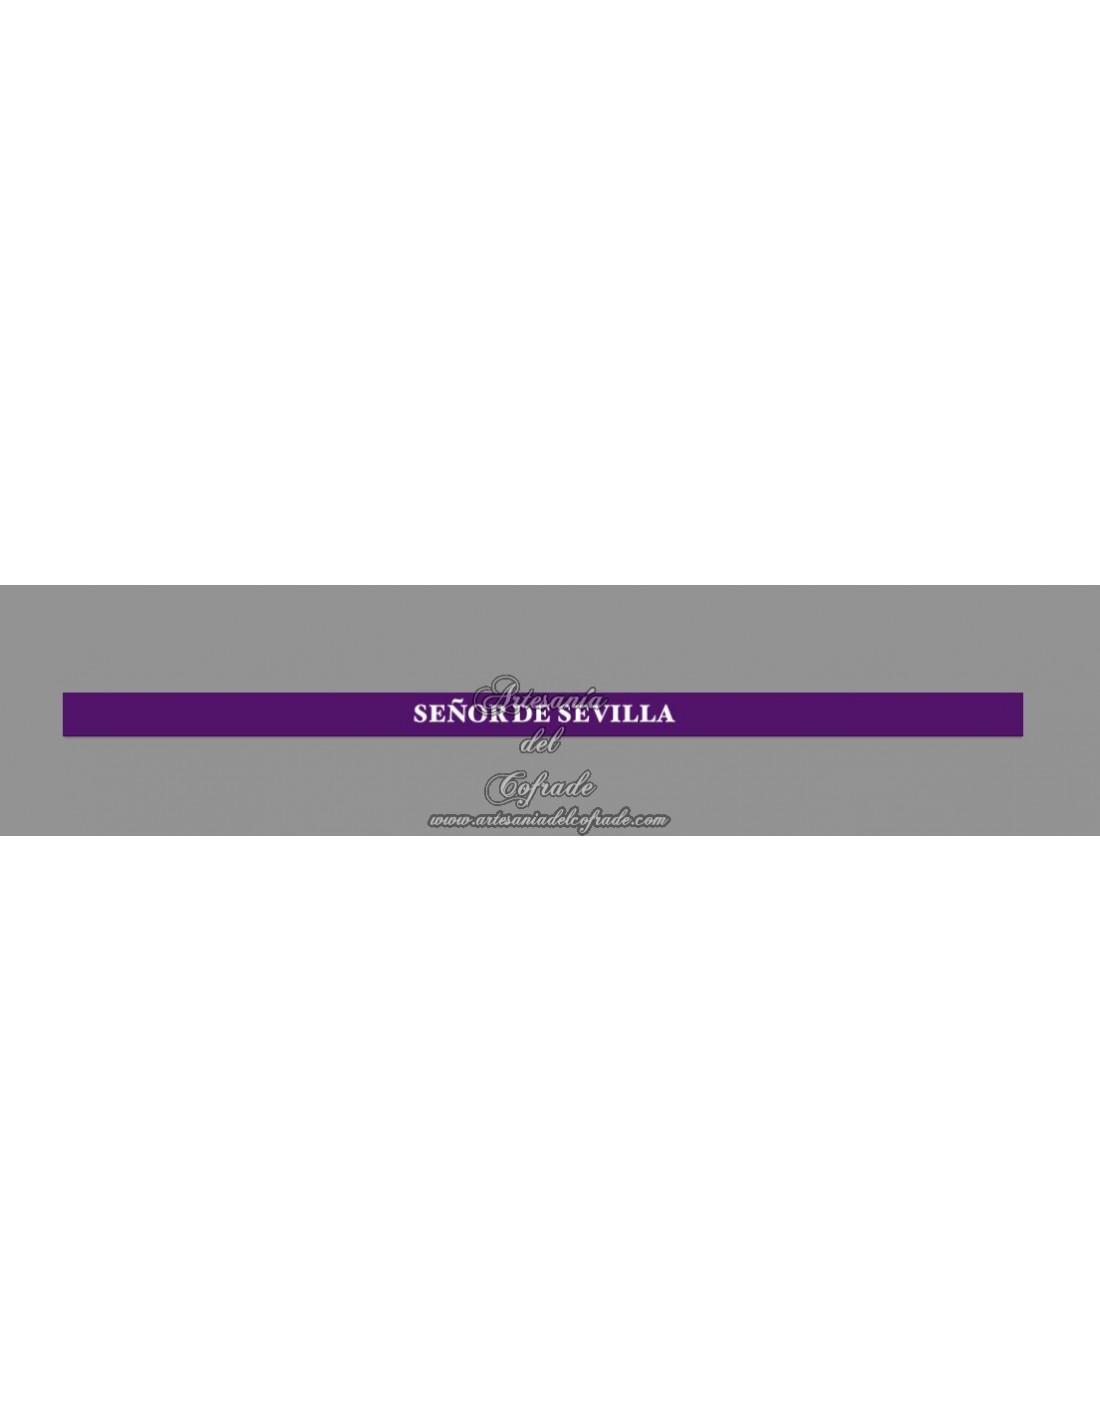 03e710a02ab8 Pulsera de tela con el texto Señor de Sevilla - Tienda Cofrade Artesanía  del Cofrade